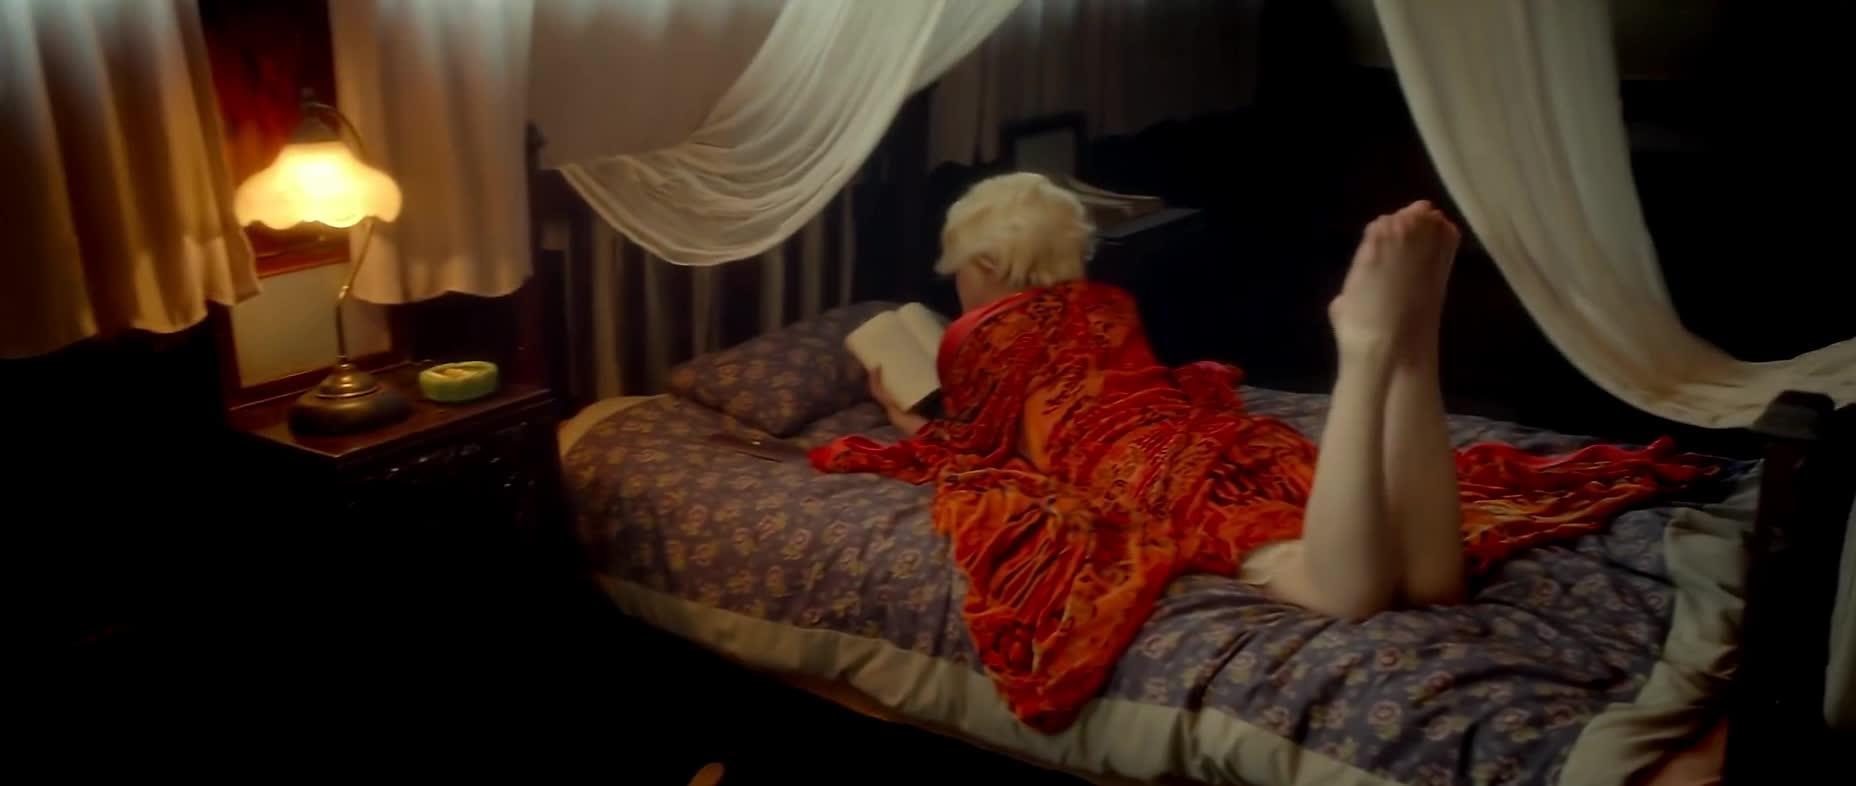 #经典看电影#敲门这么香烟的女子在床上半裸,阮经天不心动吗